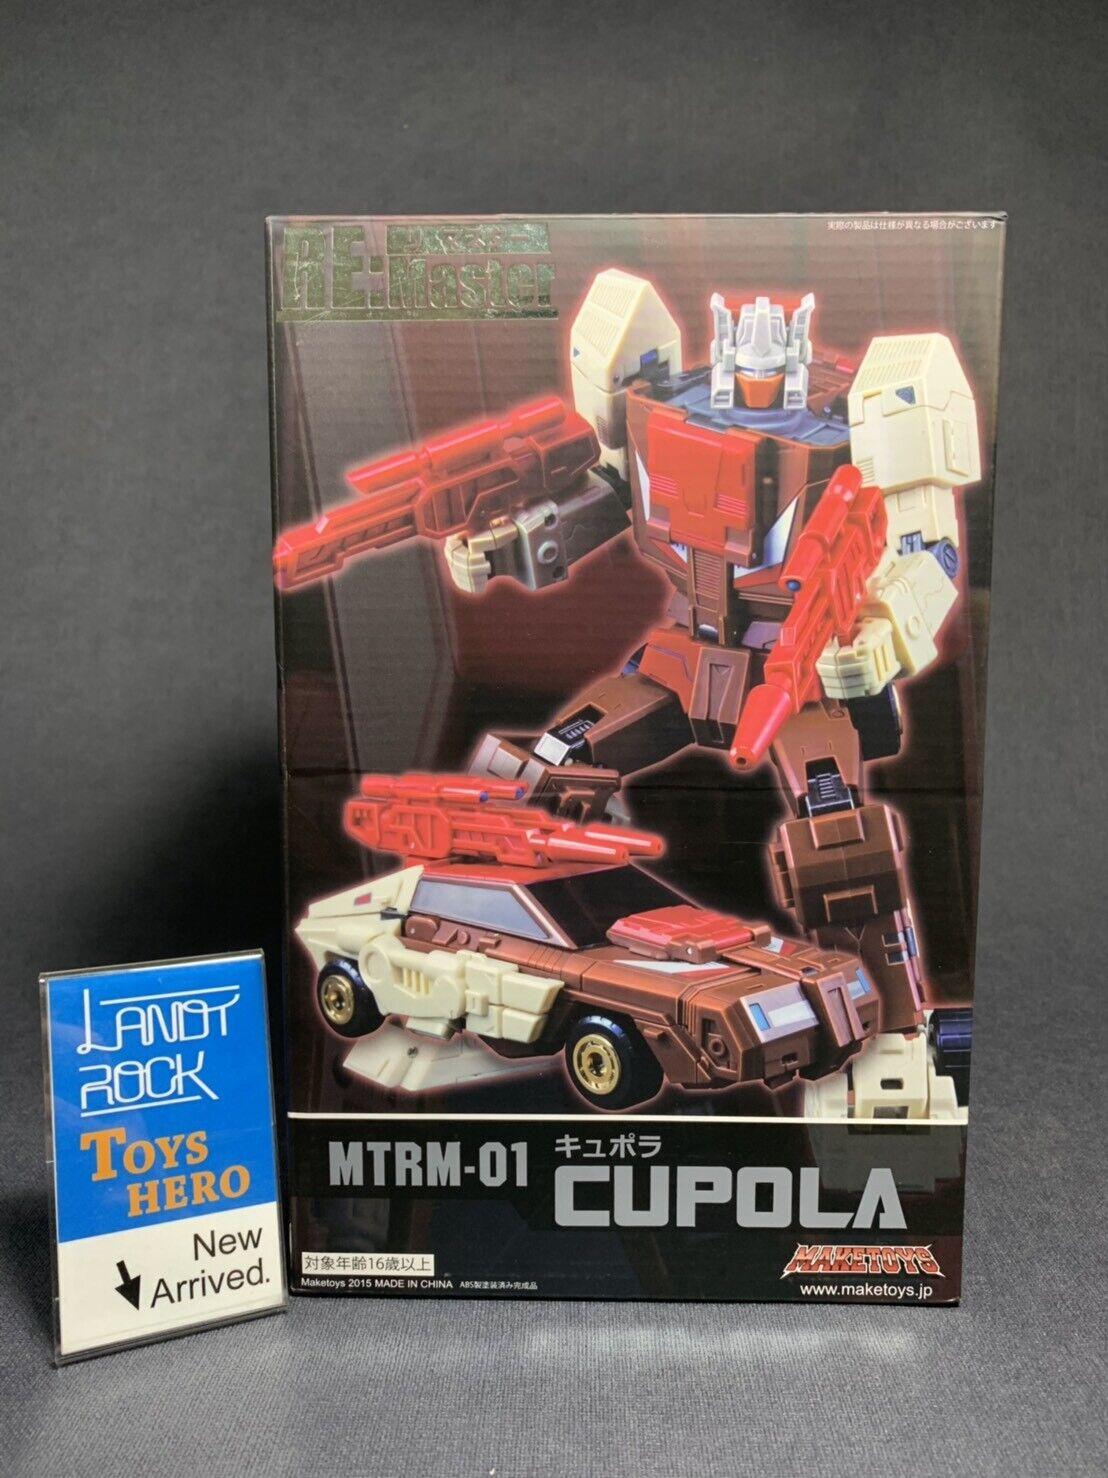 [giocattoli Hero] In He  Transformer renderegiocattoli Mtrm-01 Cupola Head Master series  costo effettivo